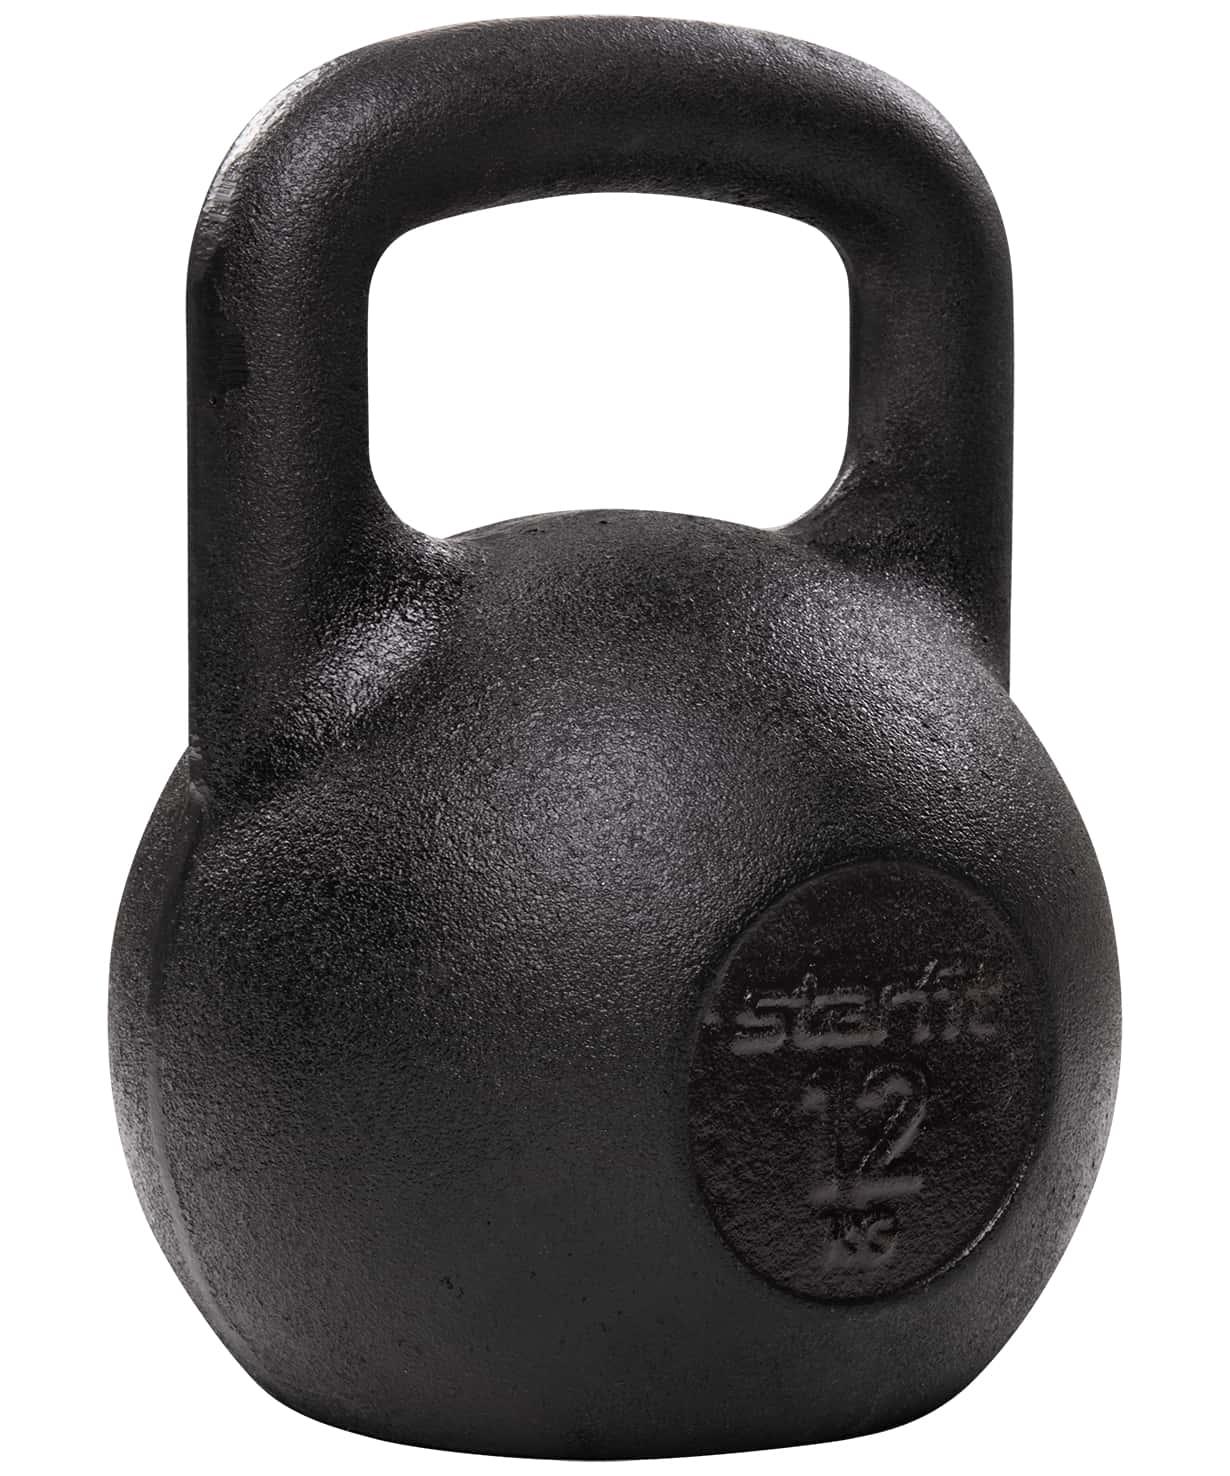 Гиря чугунная DB-602, 12 кг